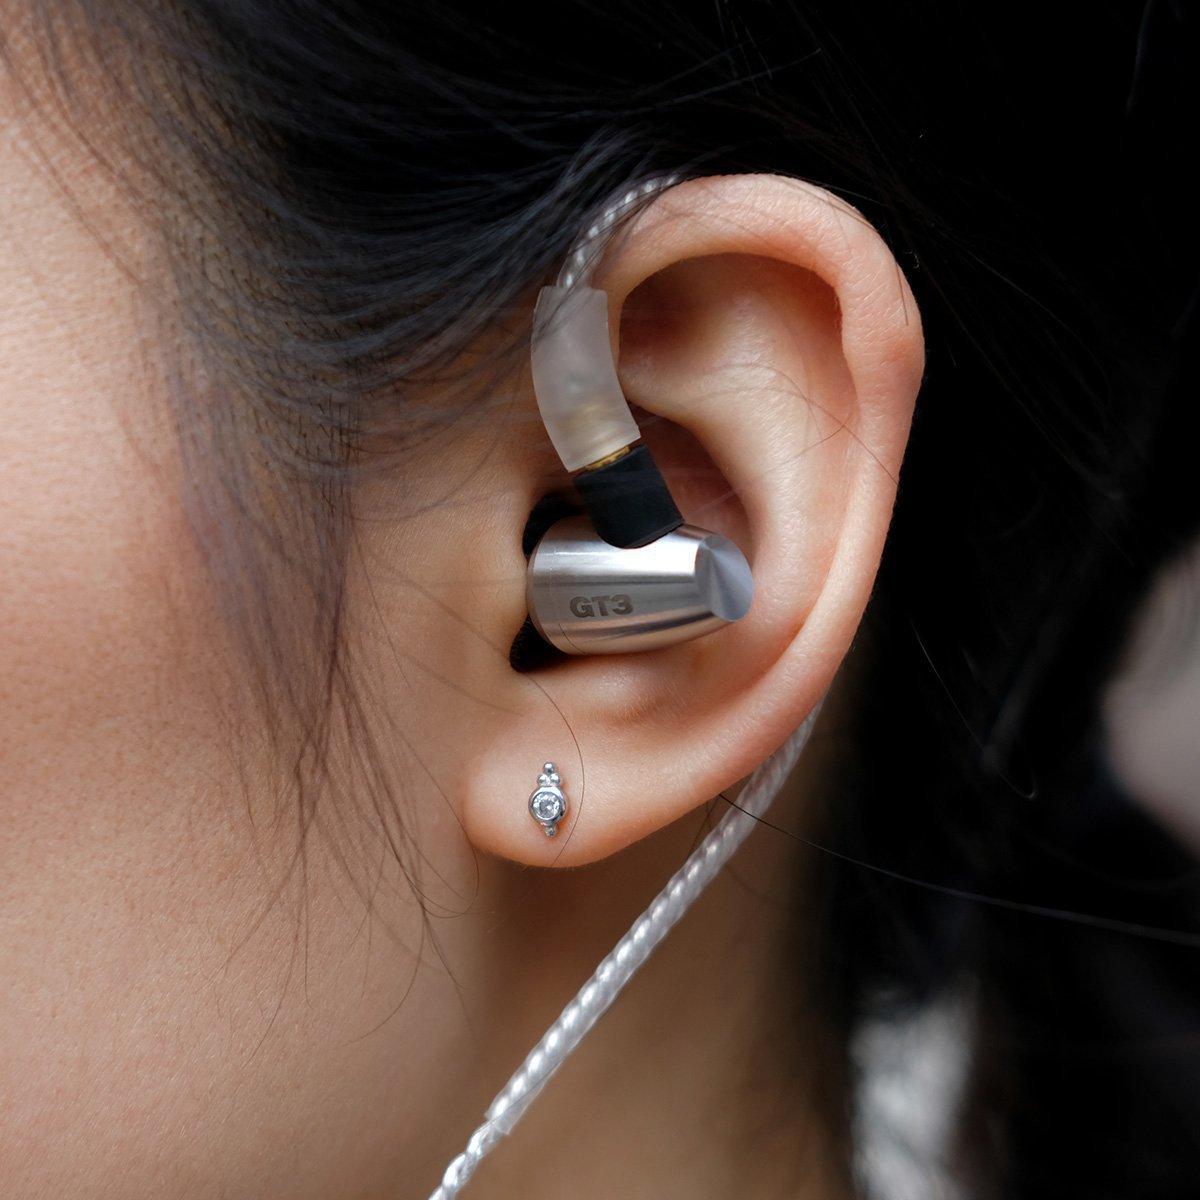 GT3 Earbuds